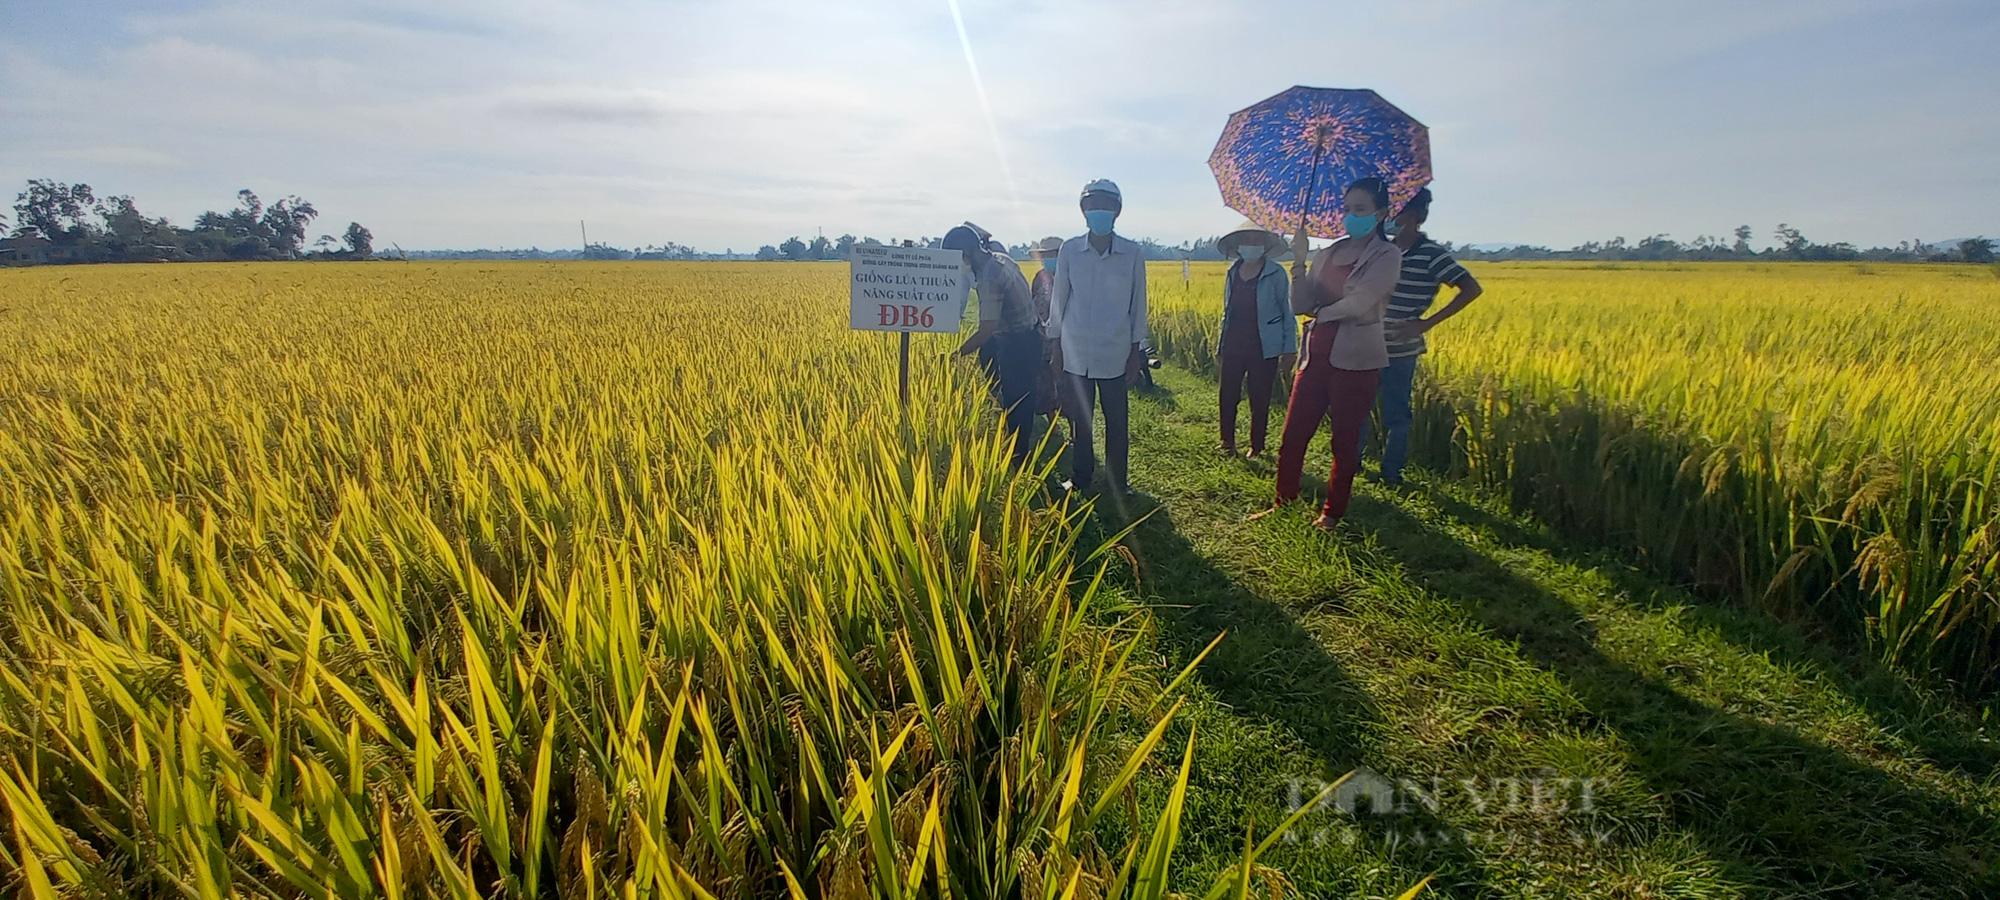 Quảng Ngãi: Nông dân phấn khởi với các giống lúa mới của Vinaseed chống chịu được thời tiết khắc nghiệt - Ảnh 5.